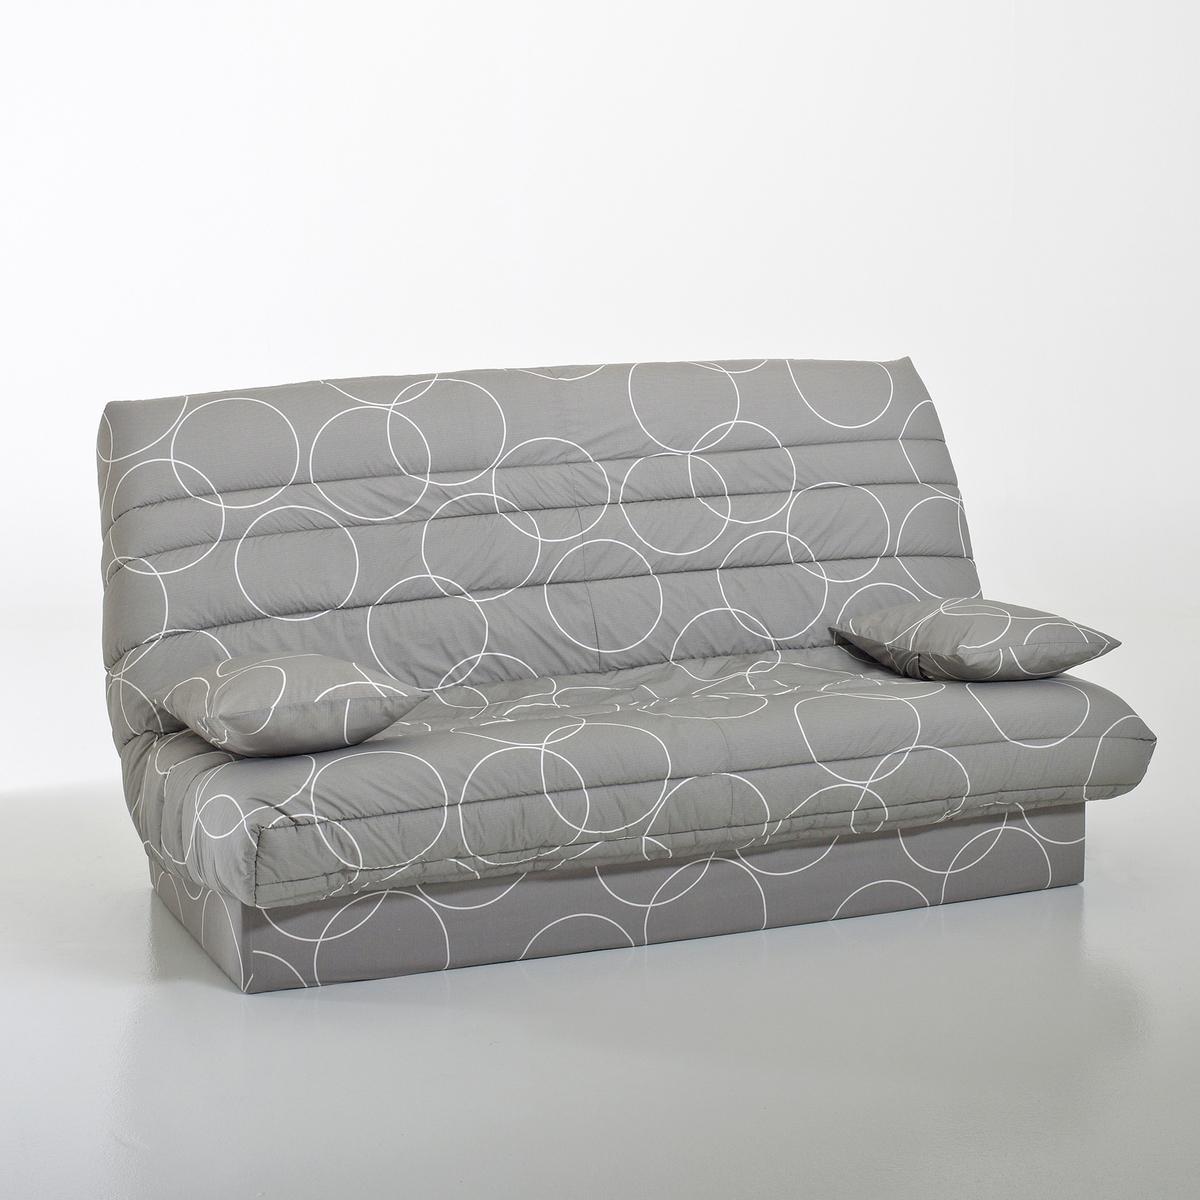 Чехол стеганый для дивана-книжки и складной тумбы, 250 г/м?Чехол для дивана-книжки, усовершенствованная модель : Для дивана-книжки и складной тумбы, позволит продлить срок службы вашей мебели  !Сделано в Европе.Описание :- Стеганый чехол с наполнителем из полиэстера (250 г/м?)- На резинке.- Поставляется в комплекте с 2 чехлами на подушку-валик и лентой для складной тумбыОбивка :- Однотонная расцветка : 100% хлопок, пропитка от пятен (250 г/м?)- Расцветка с рисунком : 50% хлопка, 50% полиэстера- Меланжевая расцветка : 100% полиэстер- Предоставляем бесплатные образцы материала : Введите примеры дивана-книжки в поисковой системе на сайте laredoute.ruОткройте для себя другие модели чехлов на сайте laredoute.ruРазмеры чехла :3 варианта ширины :Ширина : 120 смШирина : 130 см.Ширина : 140 см.Размер подушки : Ш.50 x В.40 x Г.12 см<br><br>Цвет: рисунок круги